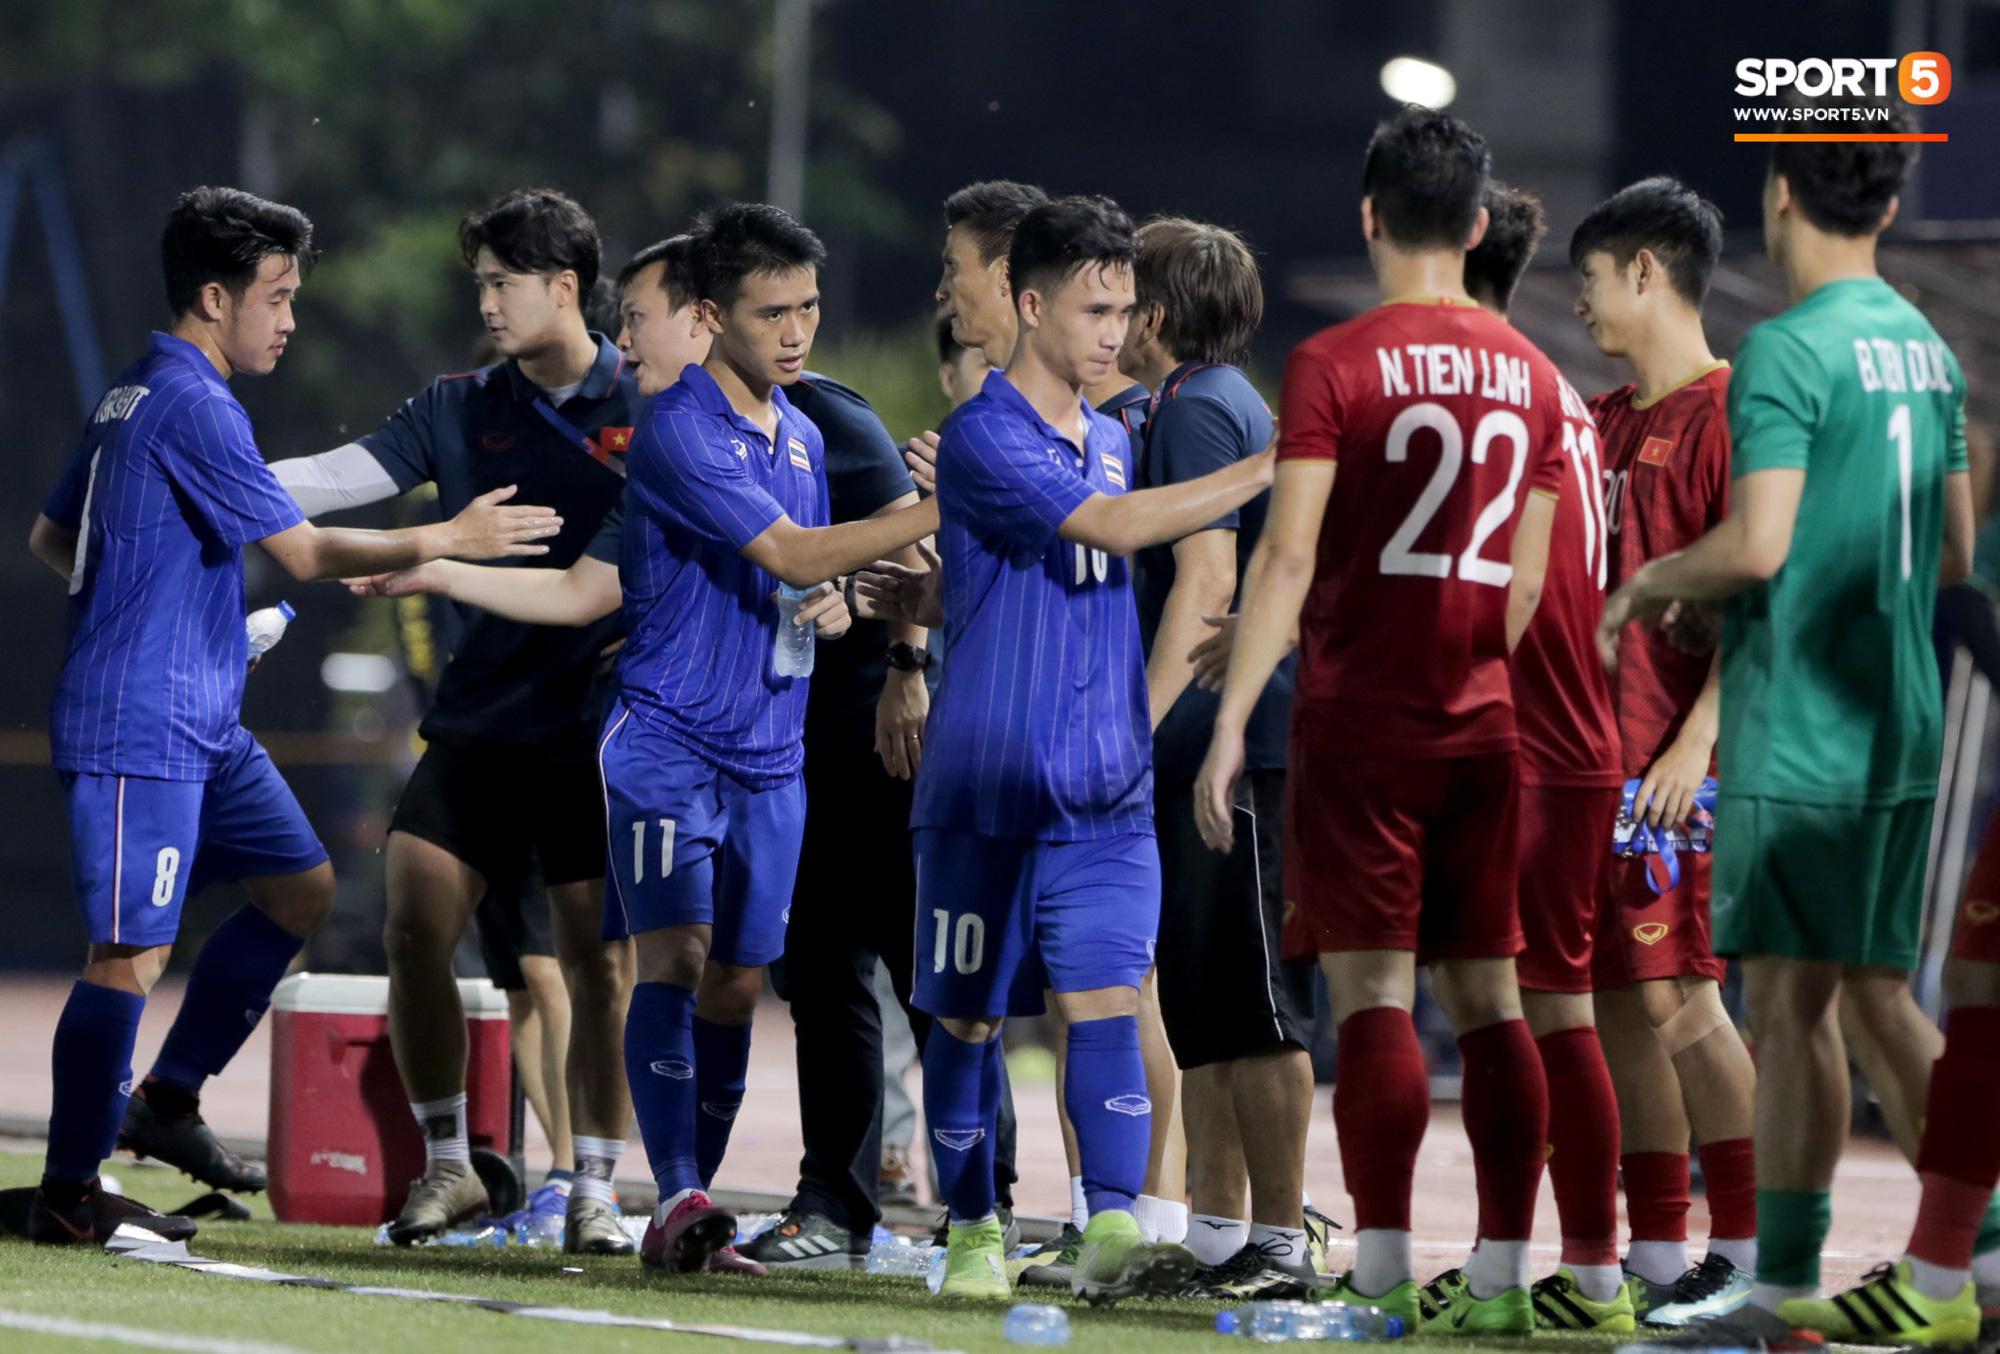 HLV U22 Thái Lan chủ động sang bắt tay thầy Park, hẹn phân thắng bại ở trận tiếp theo sau 3 lần toàn hoà - Ảnh 11.